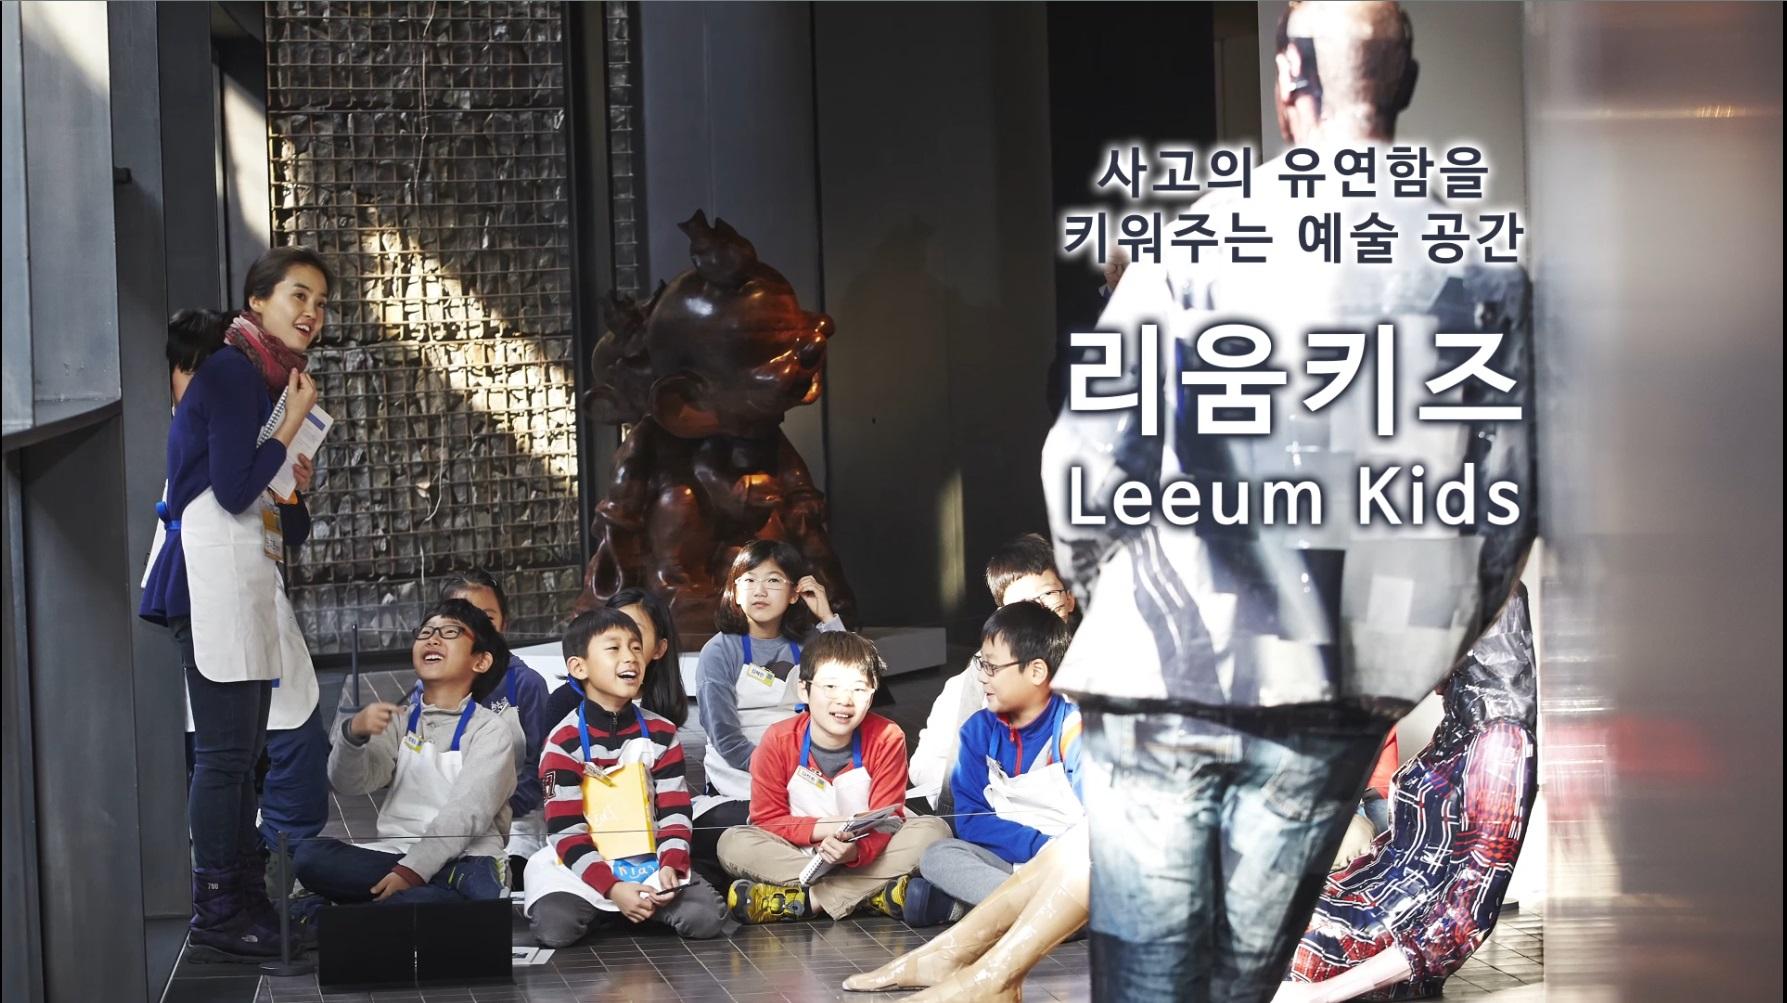 Leeum Kids